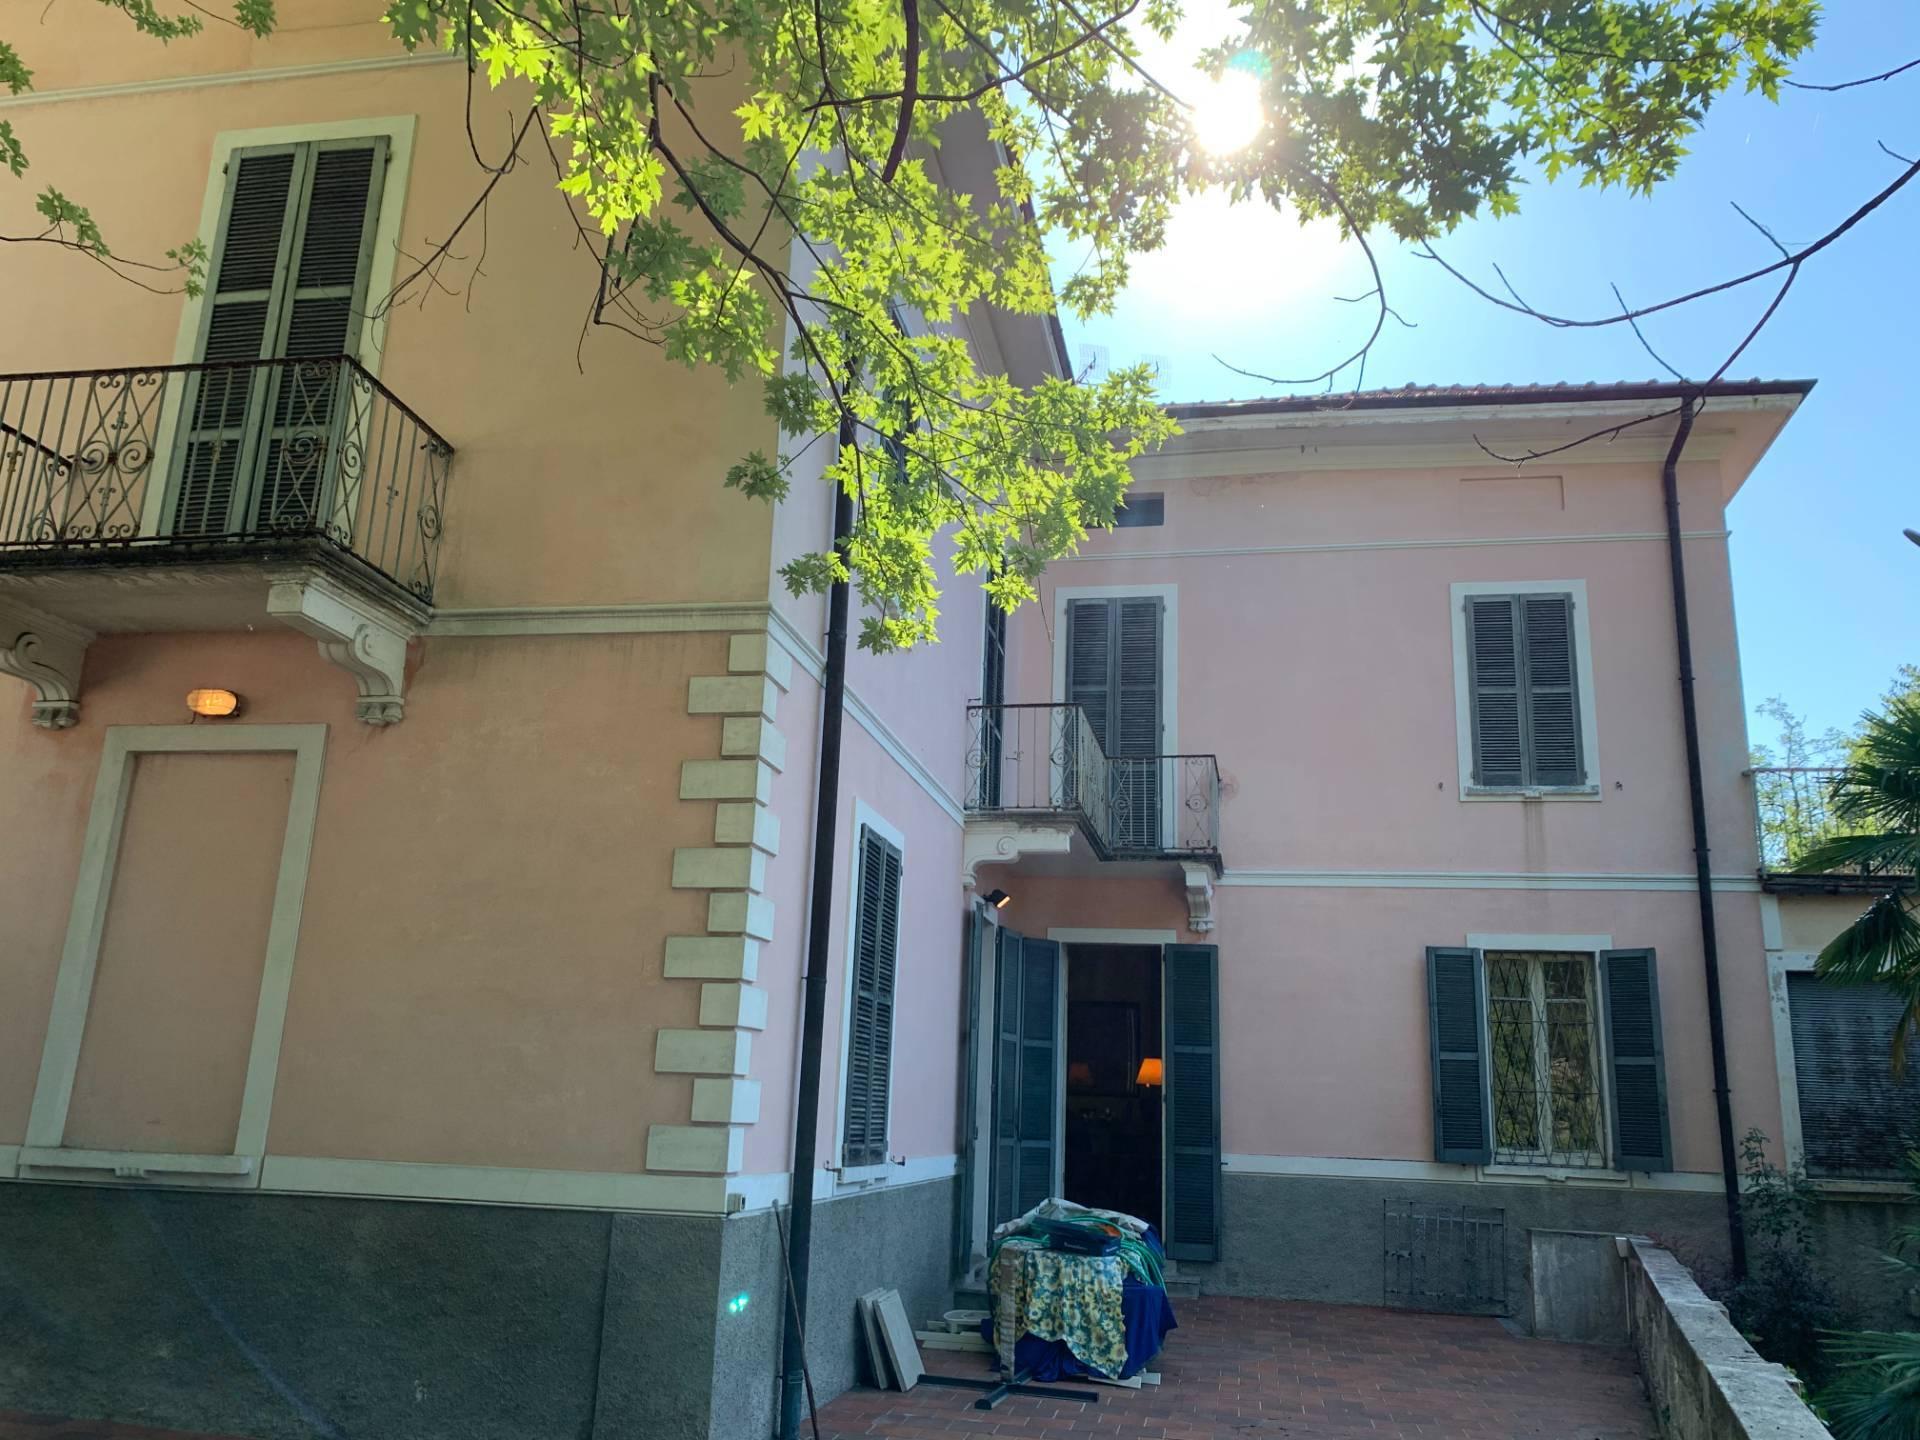 Villa in vendita a Caslino d'Erba, 6 locali, prezzo € 285.000 | CambioCasa.it